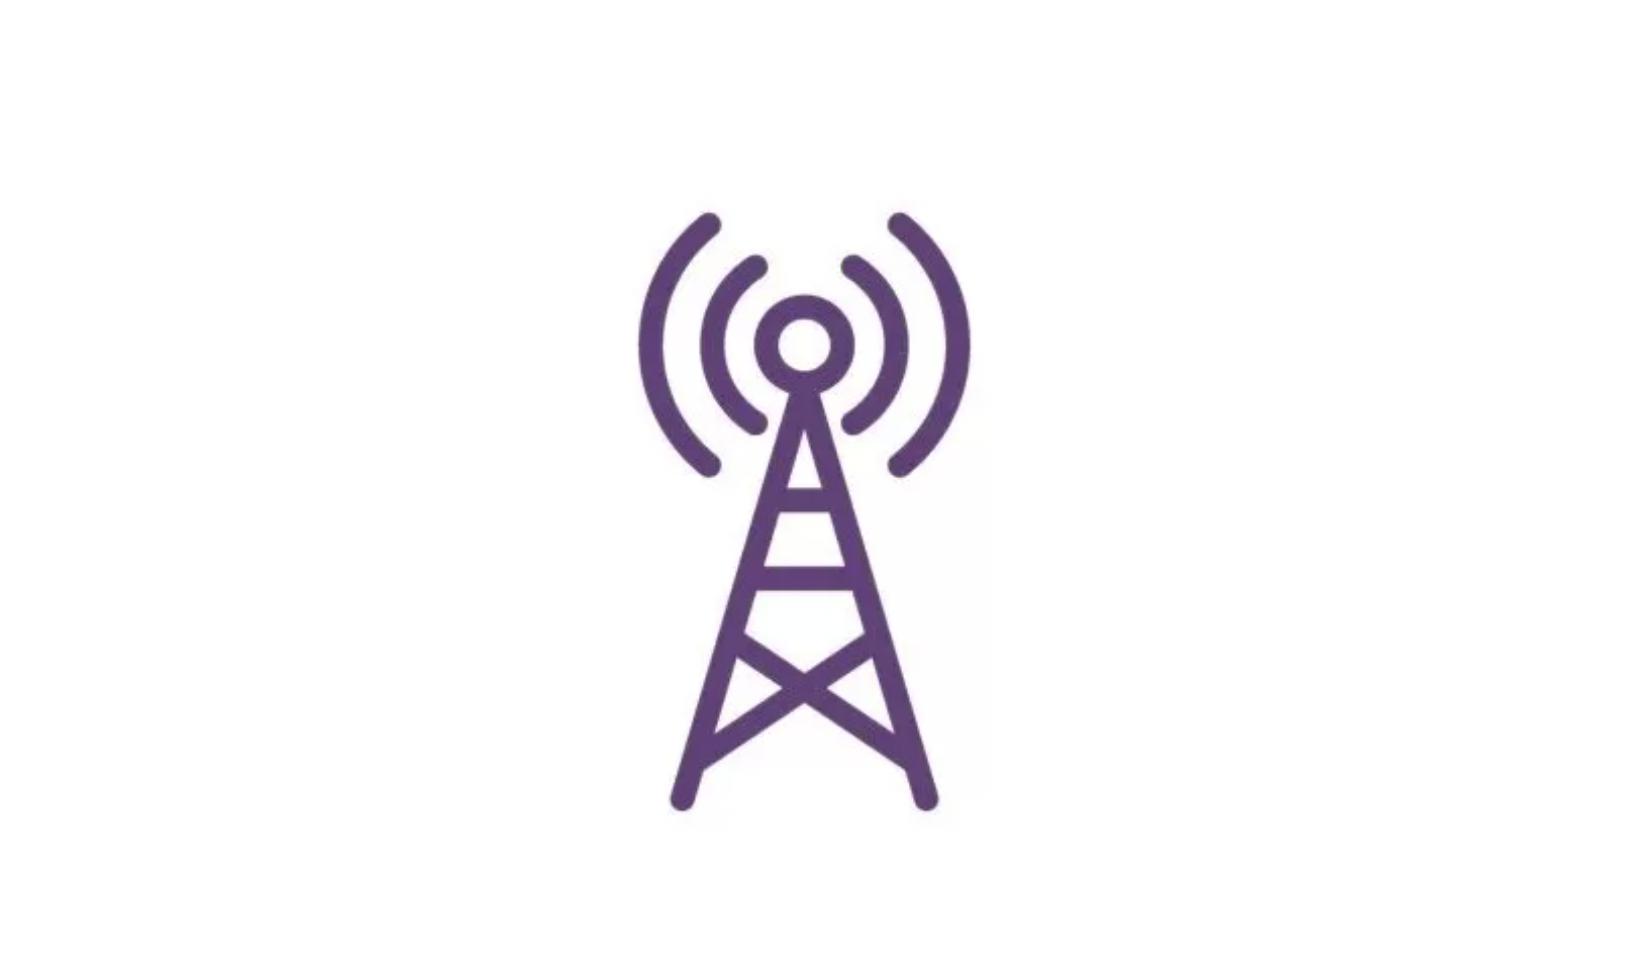 Play i Samsung przeprowadzą w Polsce testy 4G i 5G, aby w pełni wykorzystać możliwości sieci nowych generacji